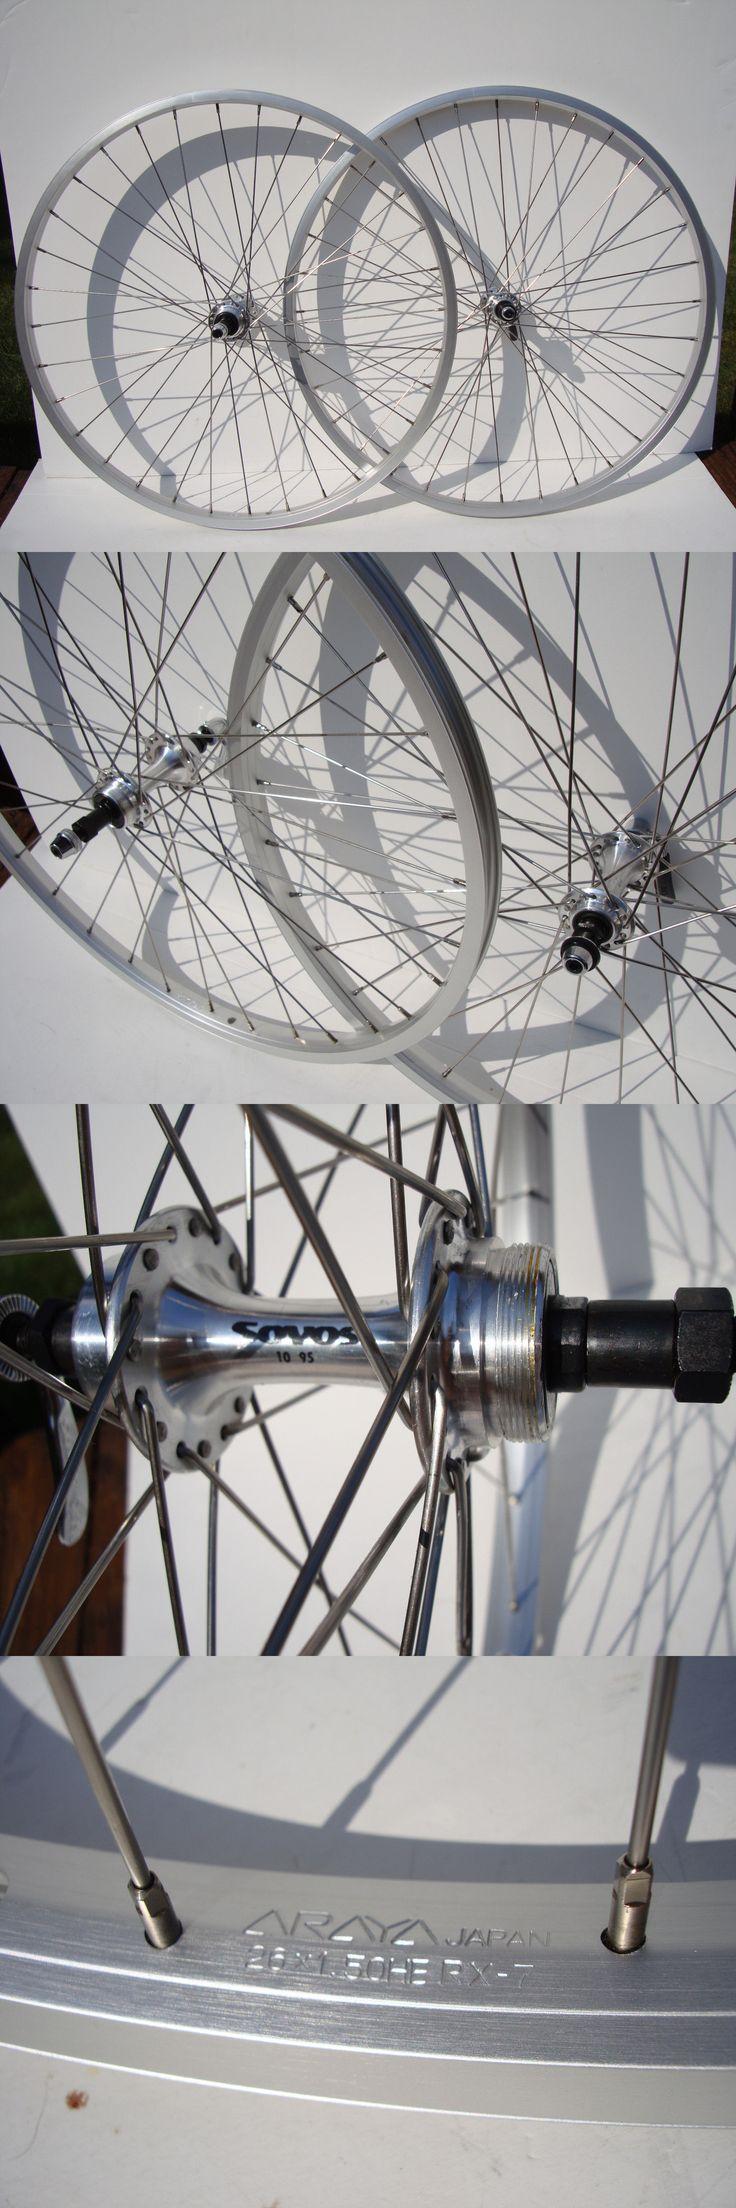 Vintage Bicycle Parts 56197: Nos Araya 26 Wheels Schwinn Trek Mtb Bike Cruiser Bicycle 5 6 7 8 Spd Vtg Fuji BUY IT NOW ONLY: $165.0